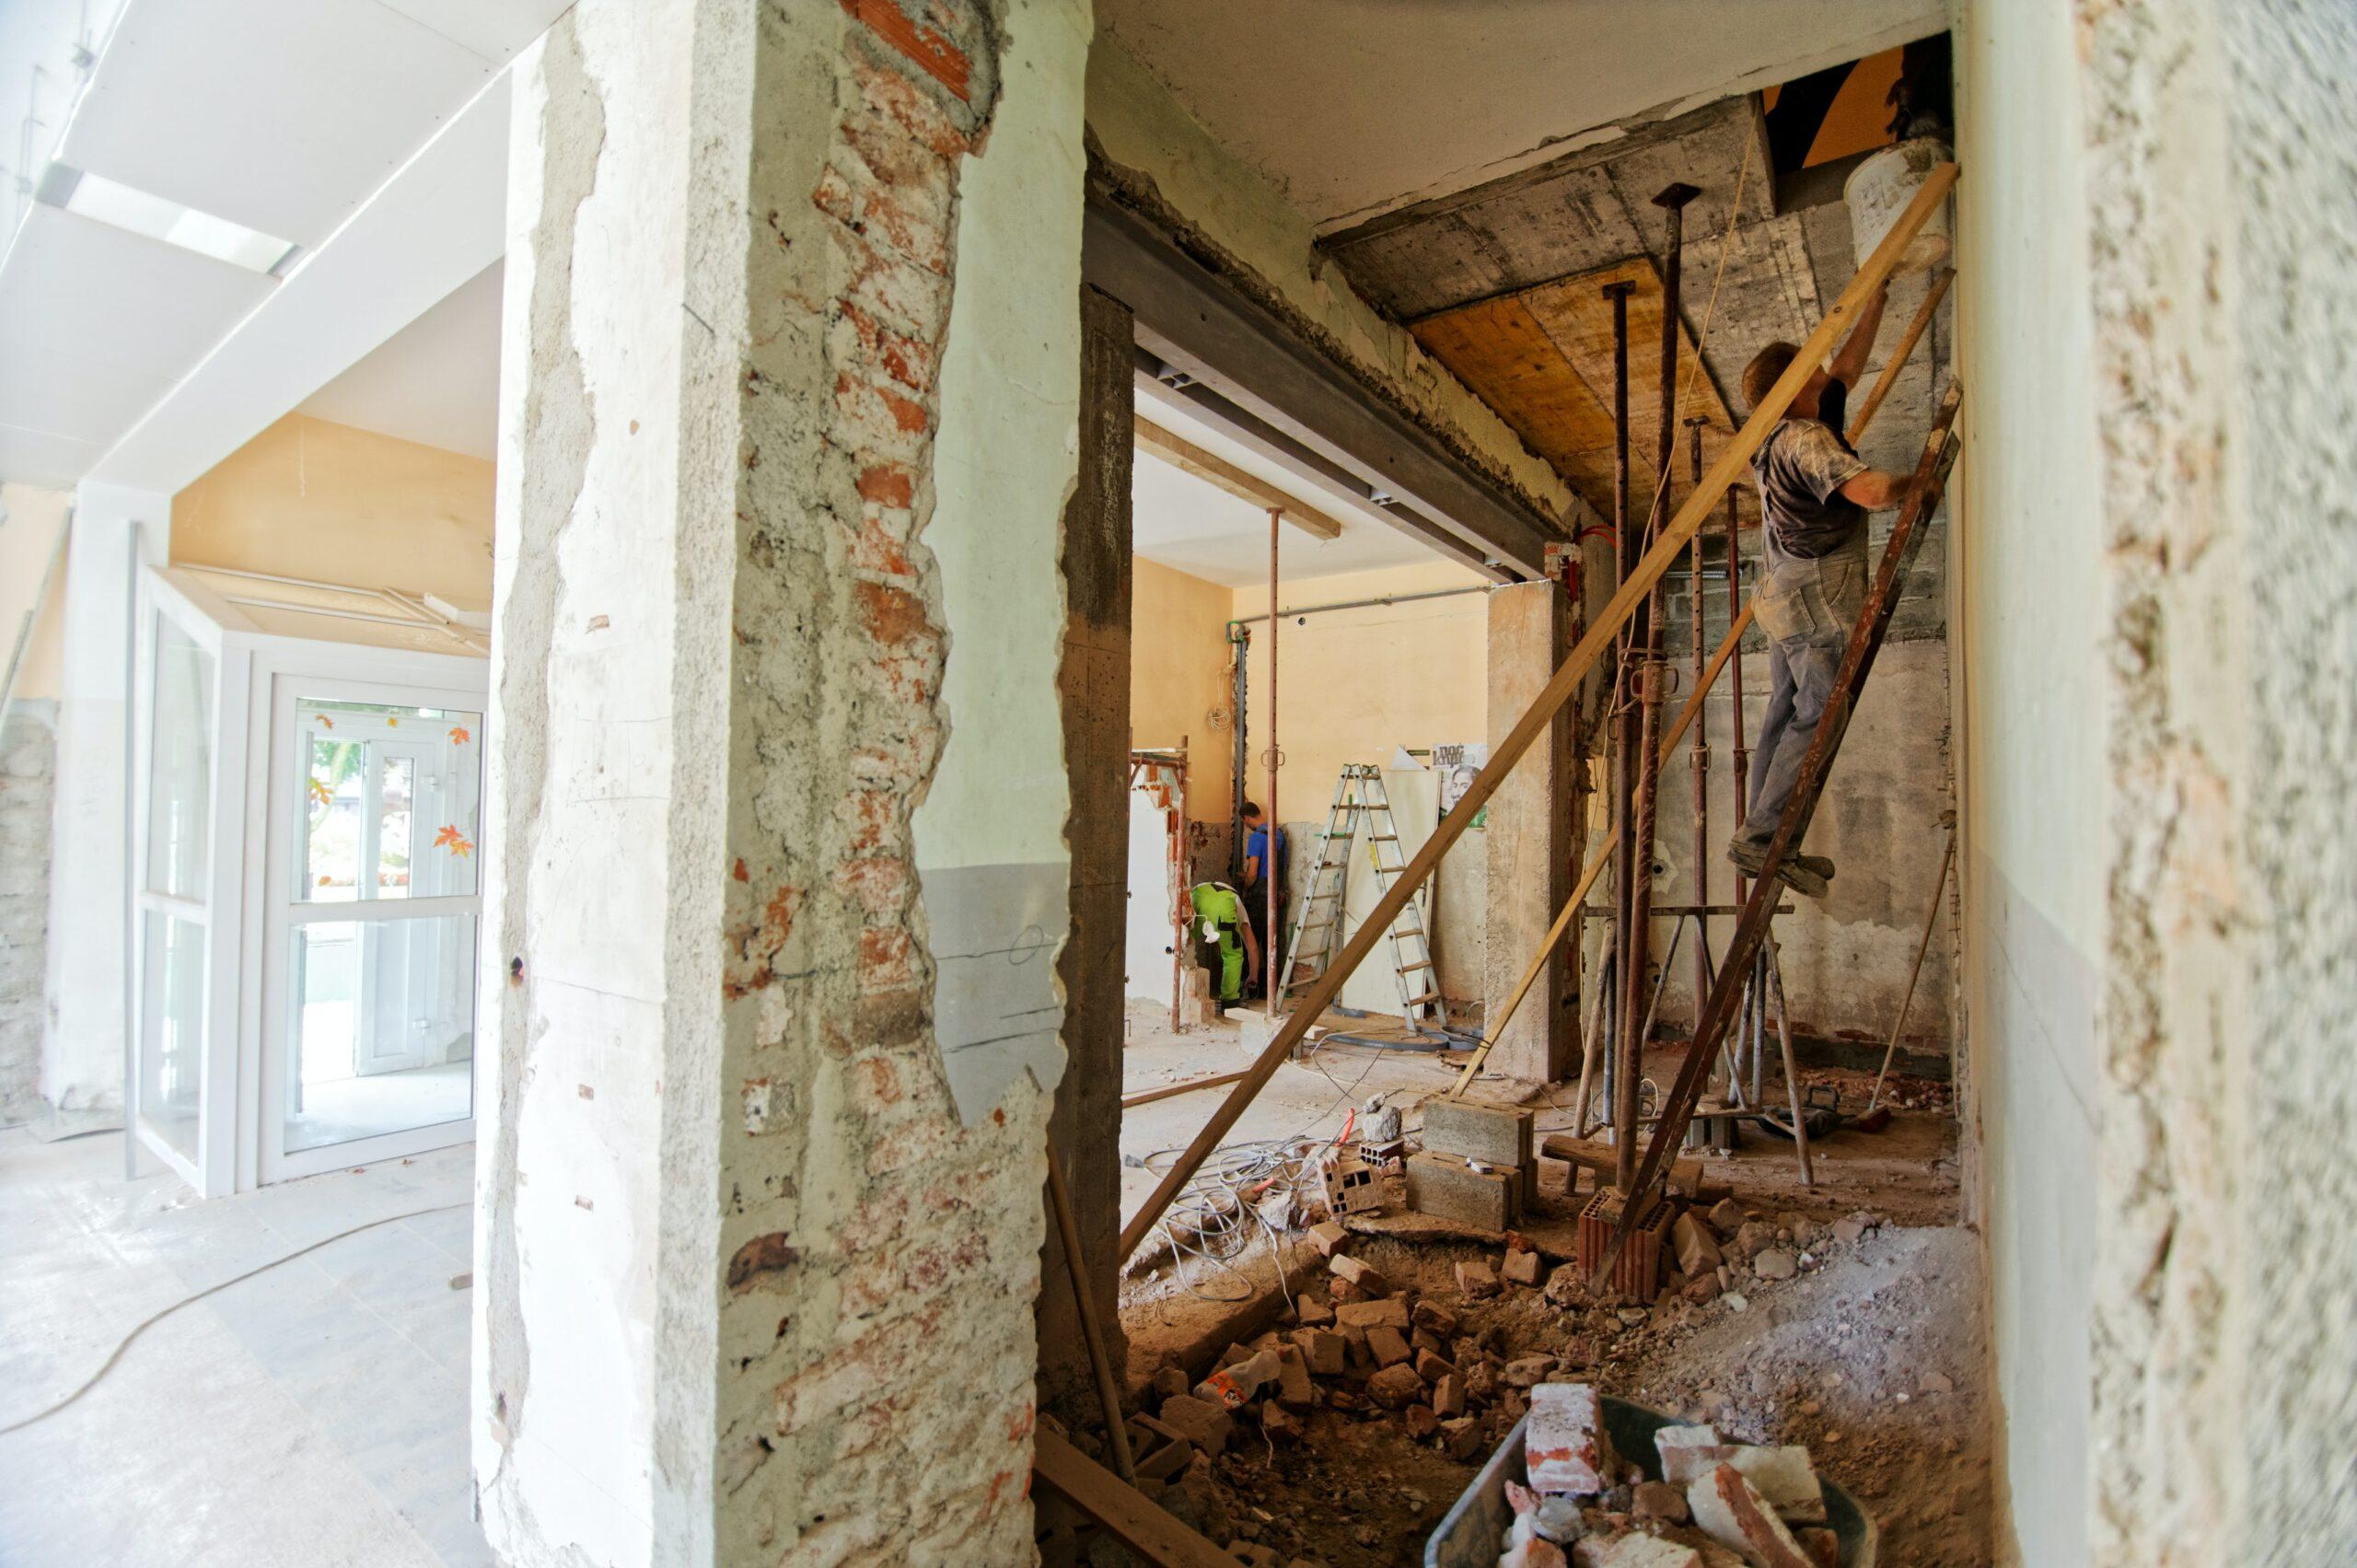 Bauteile Status – Bestand/Sanierung/Neubau